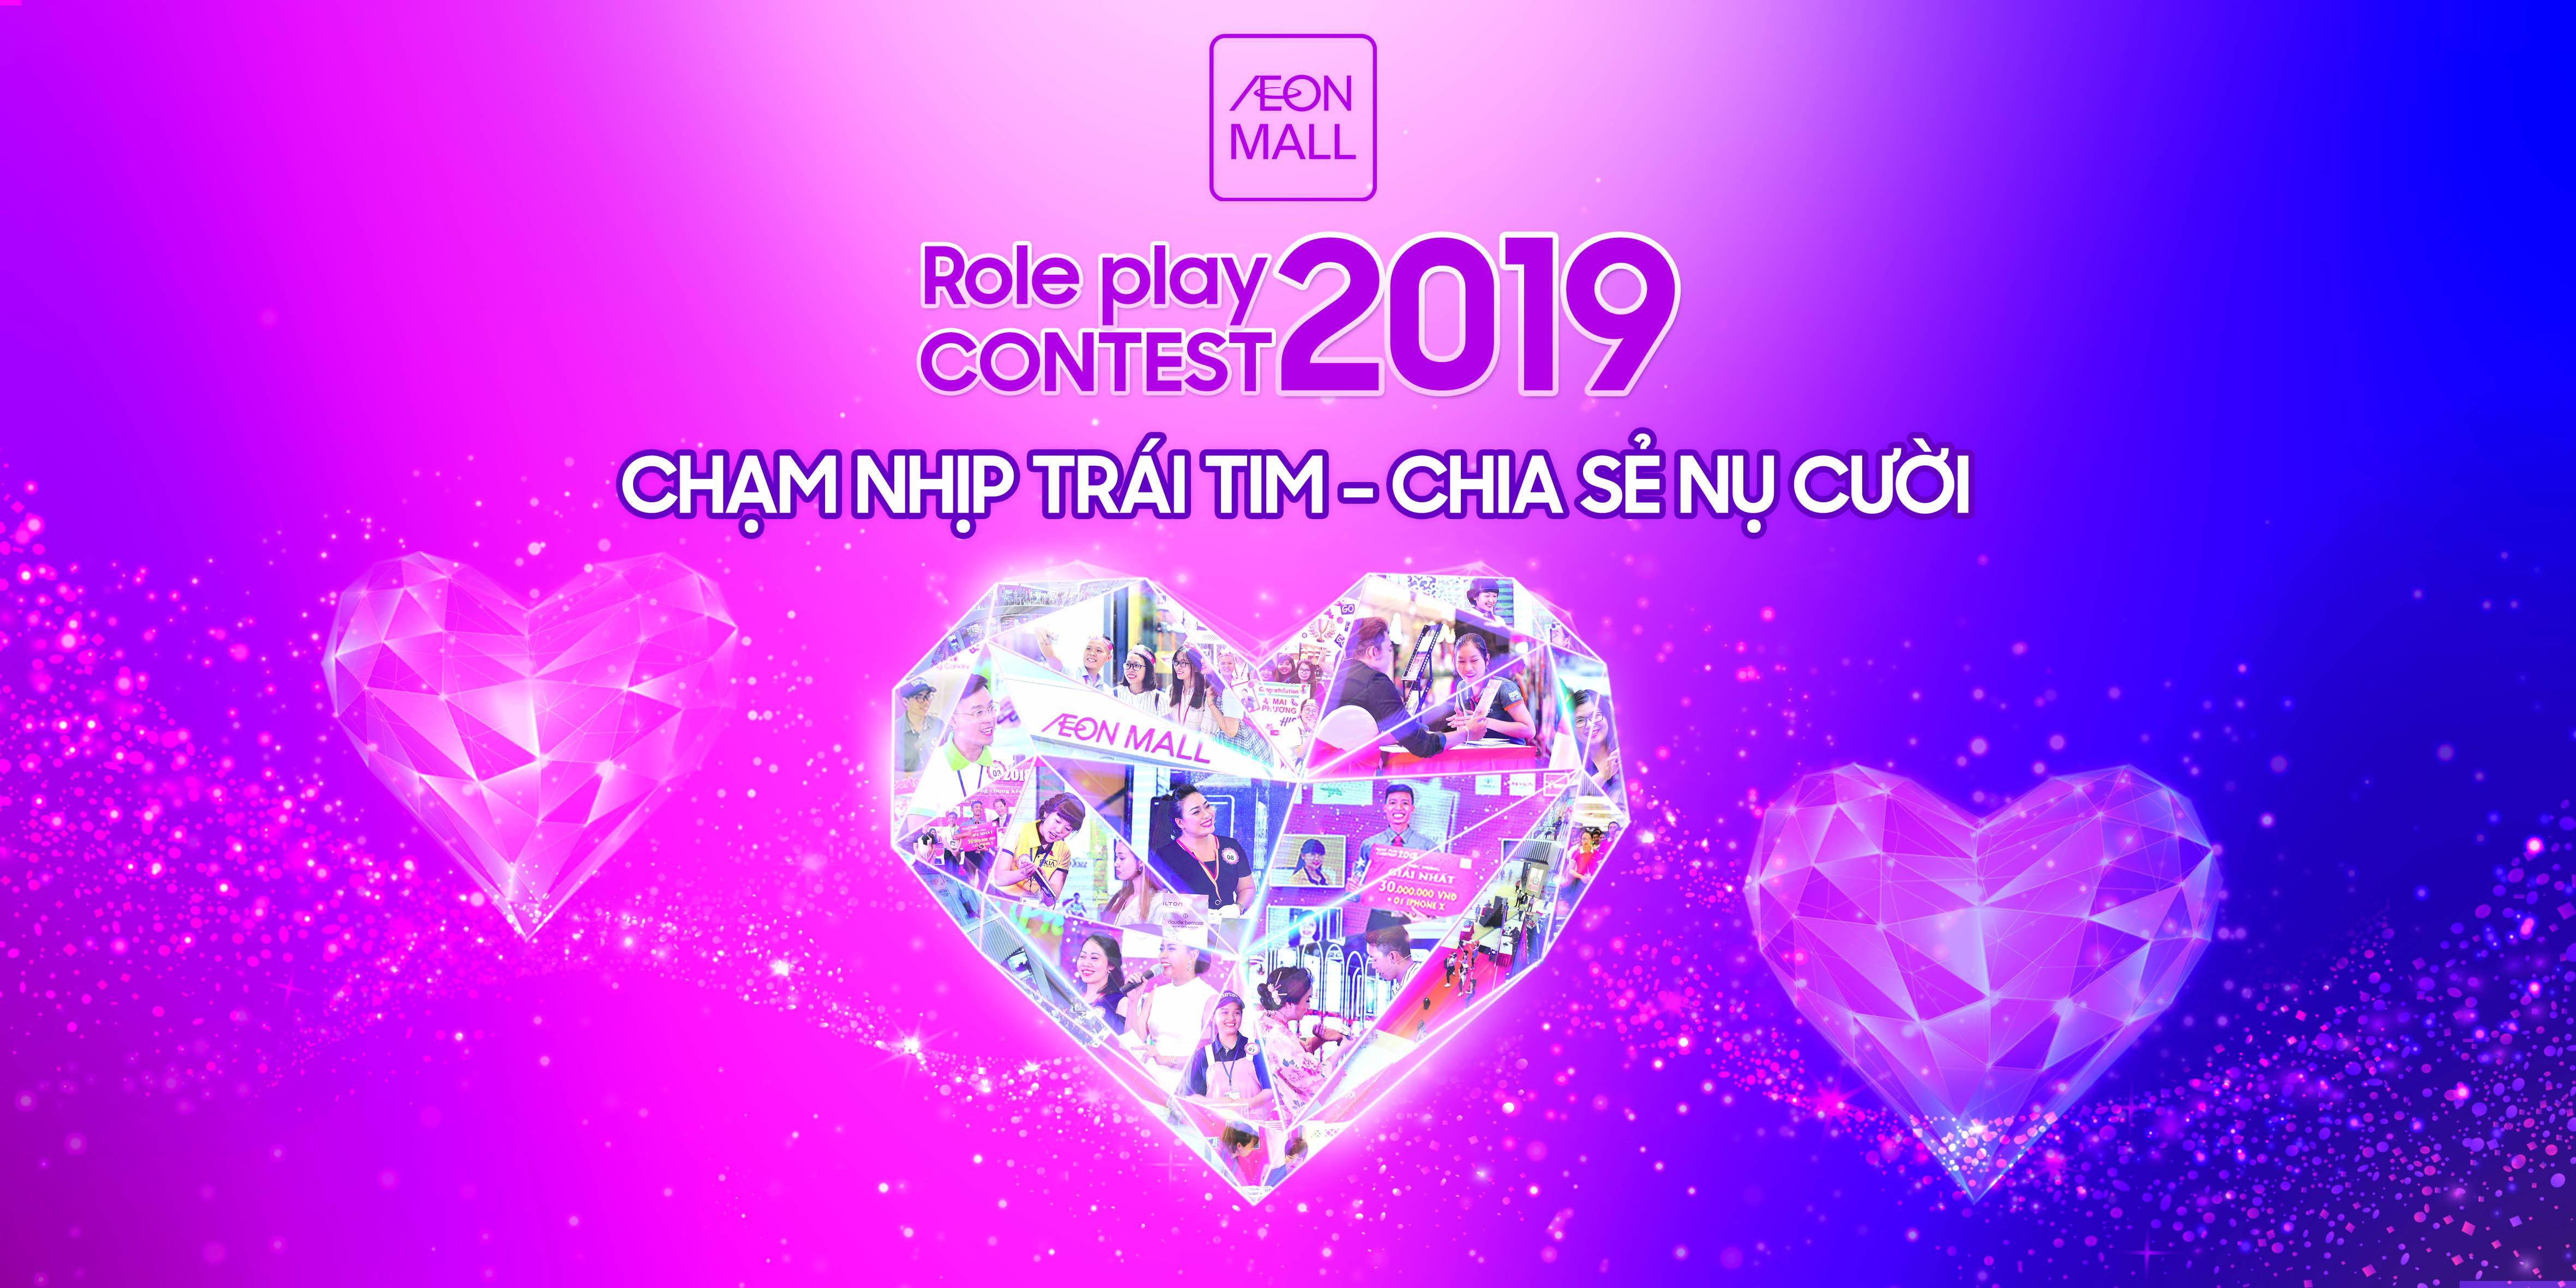 ĐIỂM LẠI CUỘC THI ROLE PLAY CONTEST 2018 – MÙA 2019 SẮP QUAY TRỞ LẠI!